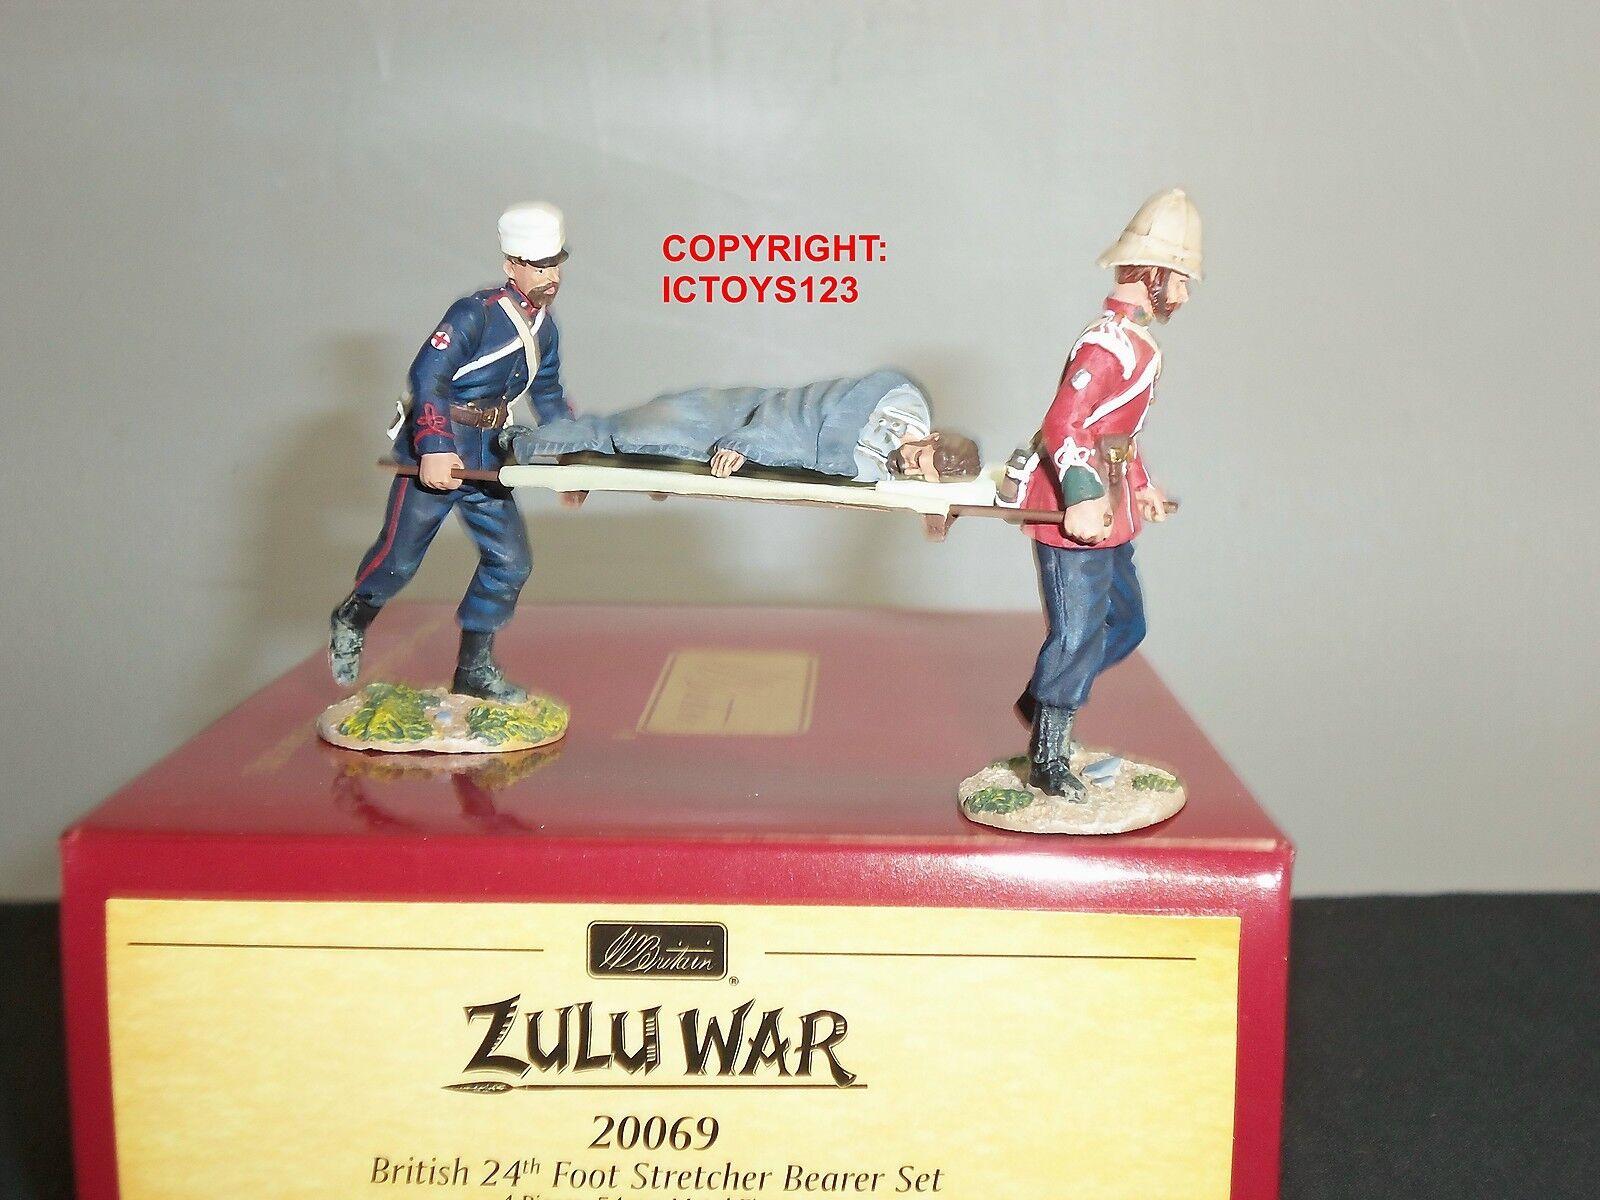 BRITAINS 20069 ZULU WAR BRITISH 24TH FOOT STRETCHER BEARER METAL TOY SOLDIER SET